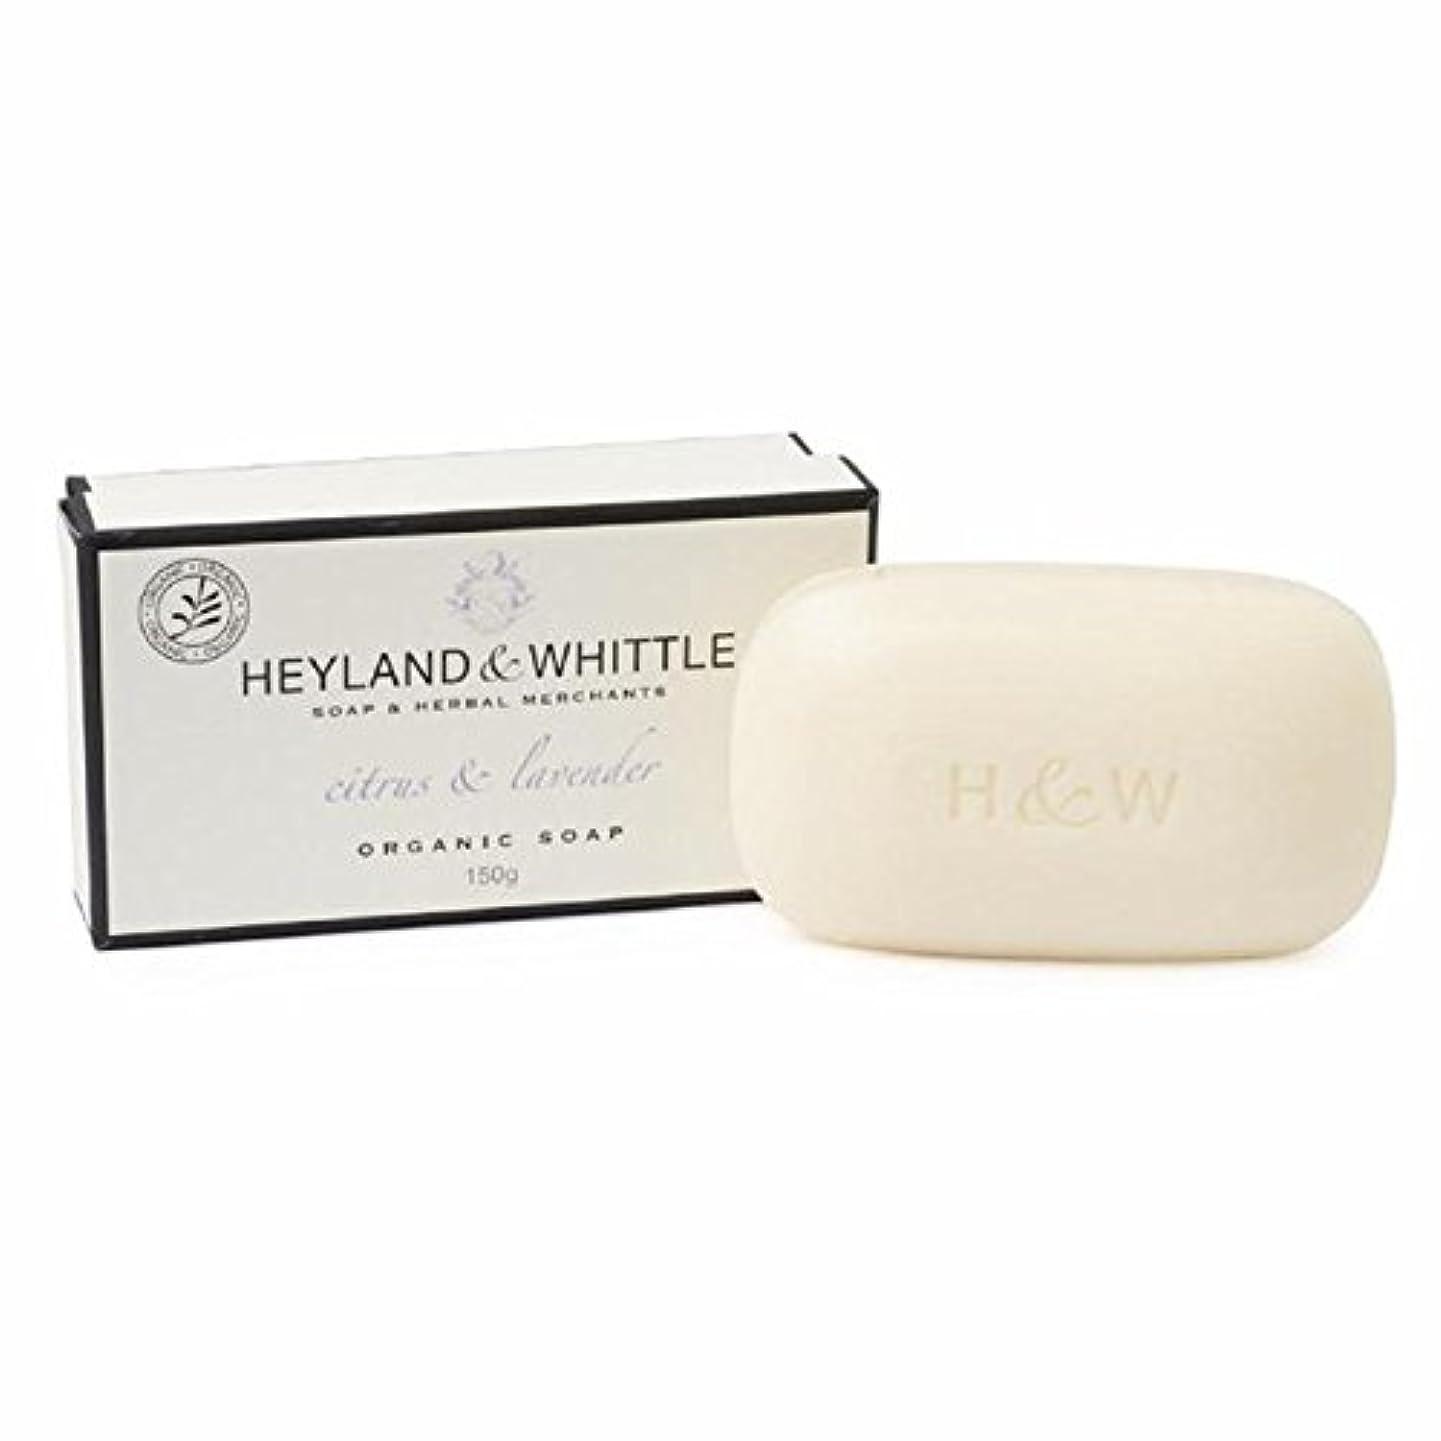 なので付ける騒&削るシトラス&ラベンダーは、有機石鹸150グラム箱入り x4 - Heyland & Whittle Citrus & Lavender Boxed Organic Soap 150g (Pack of 4) [並行輸入品]